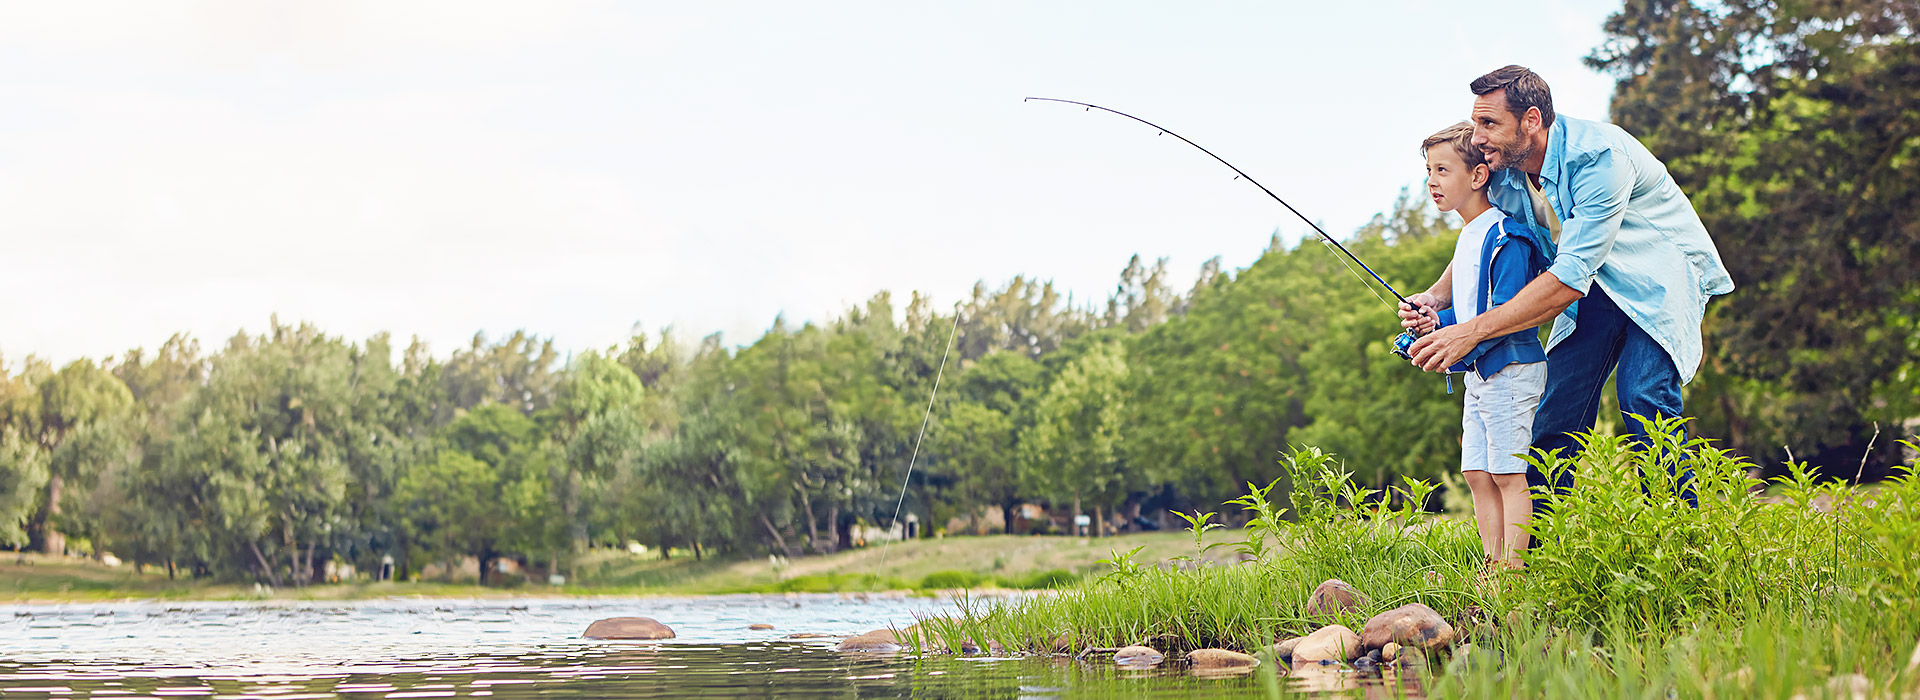 Jūs nekad neaizmirsīsiet savu pirmo copi  €99,99Deeper START Fishfinder